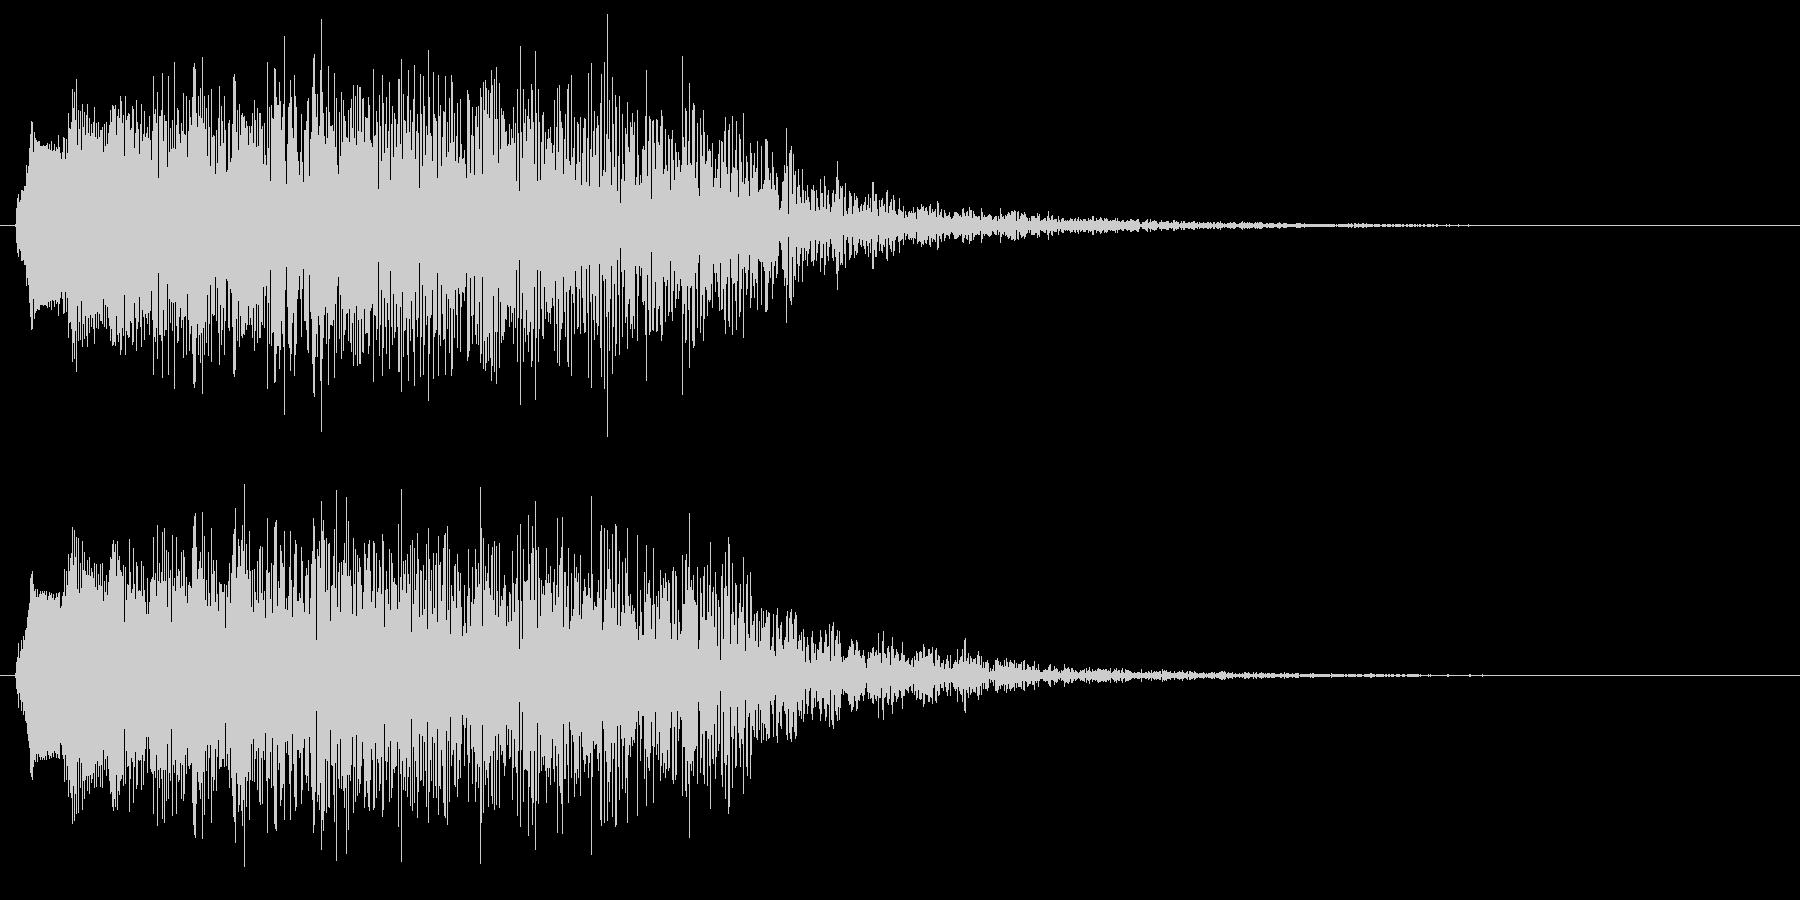 変な音 コミカル 消耗 パワーダウンの未再生の波形